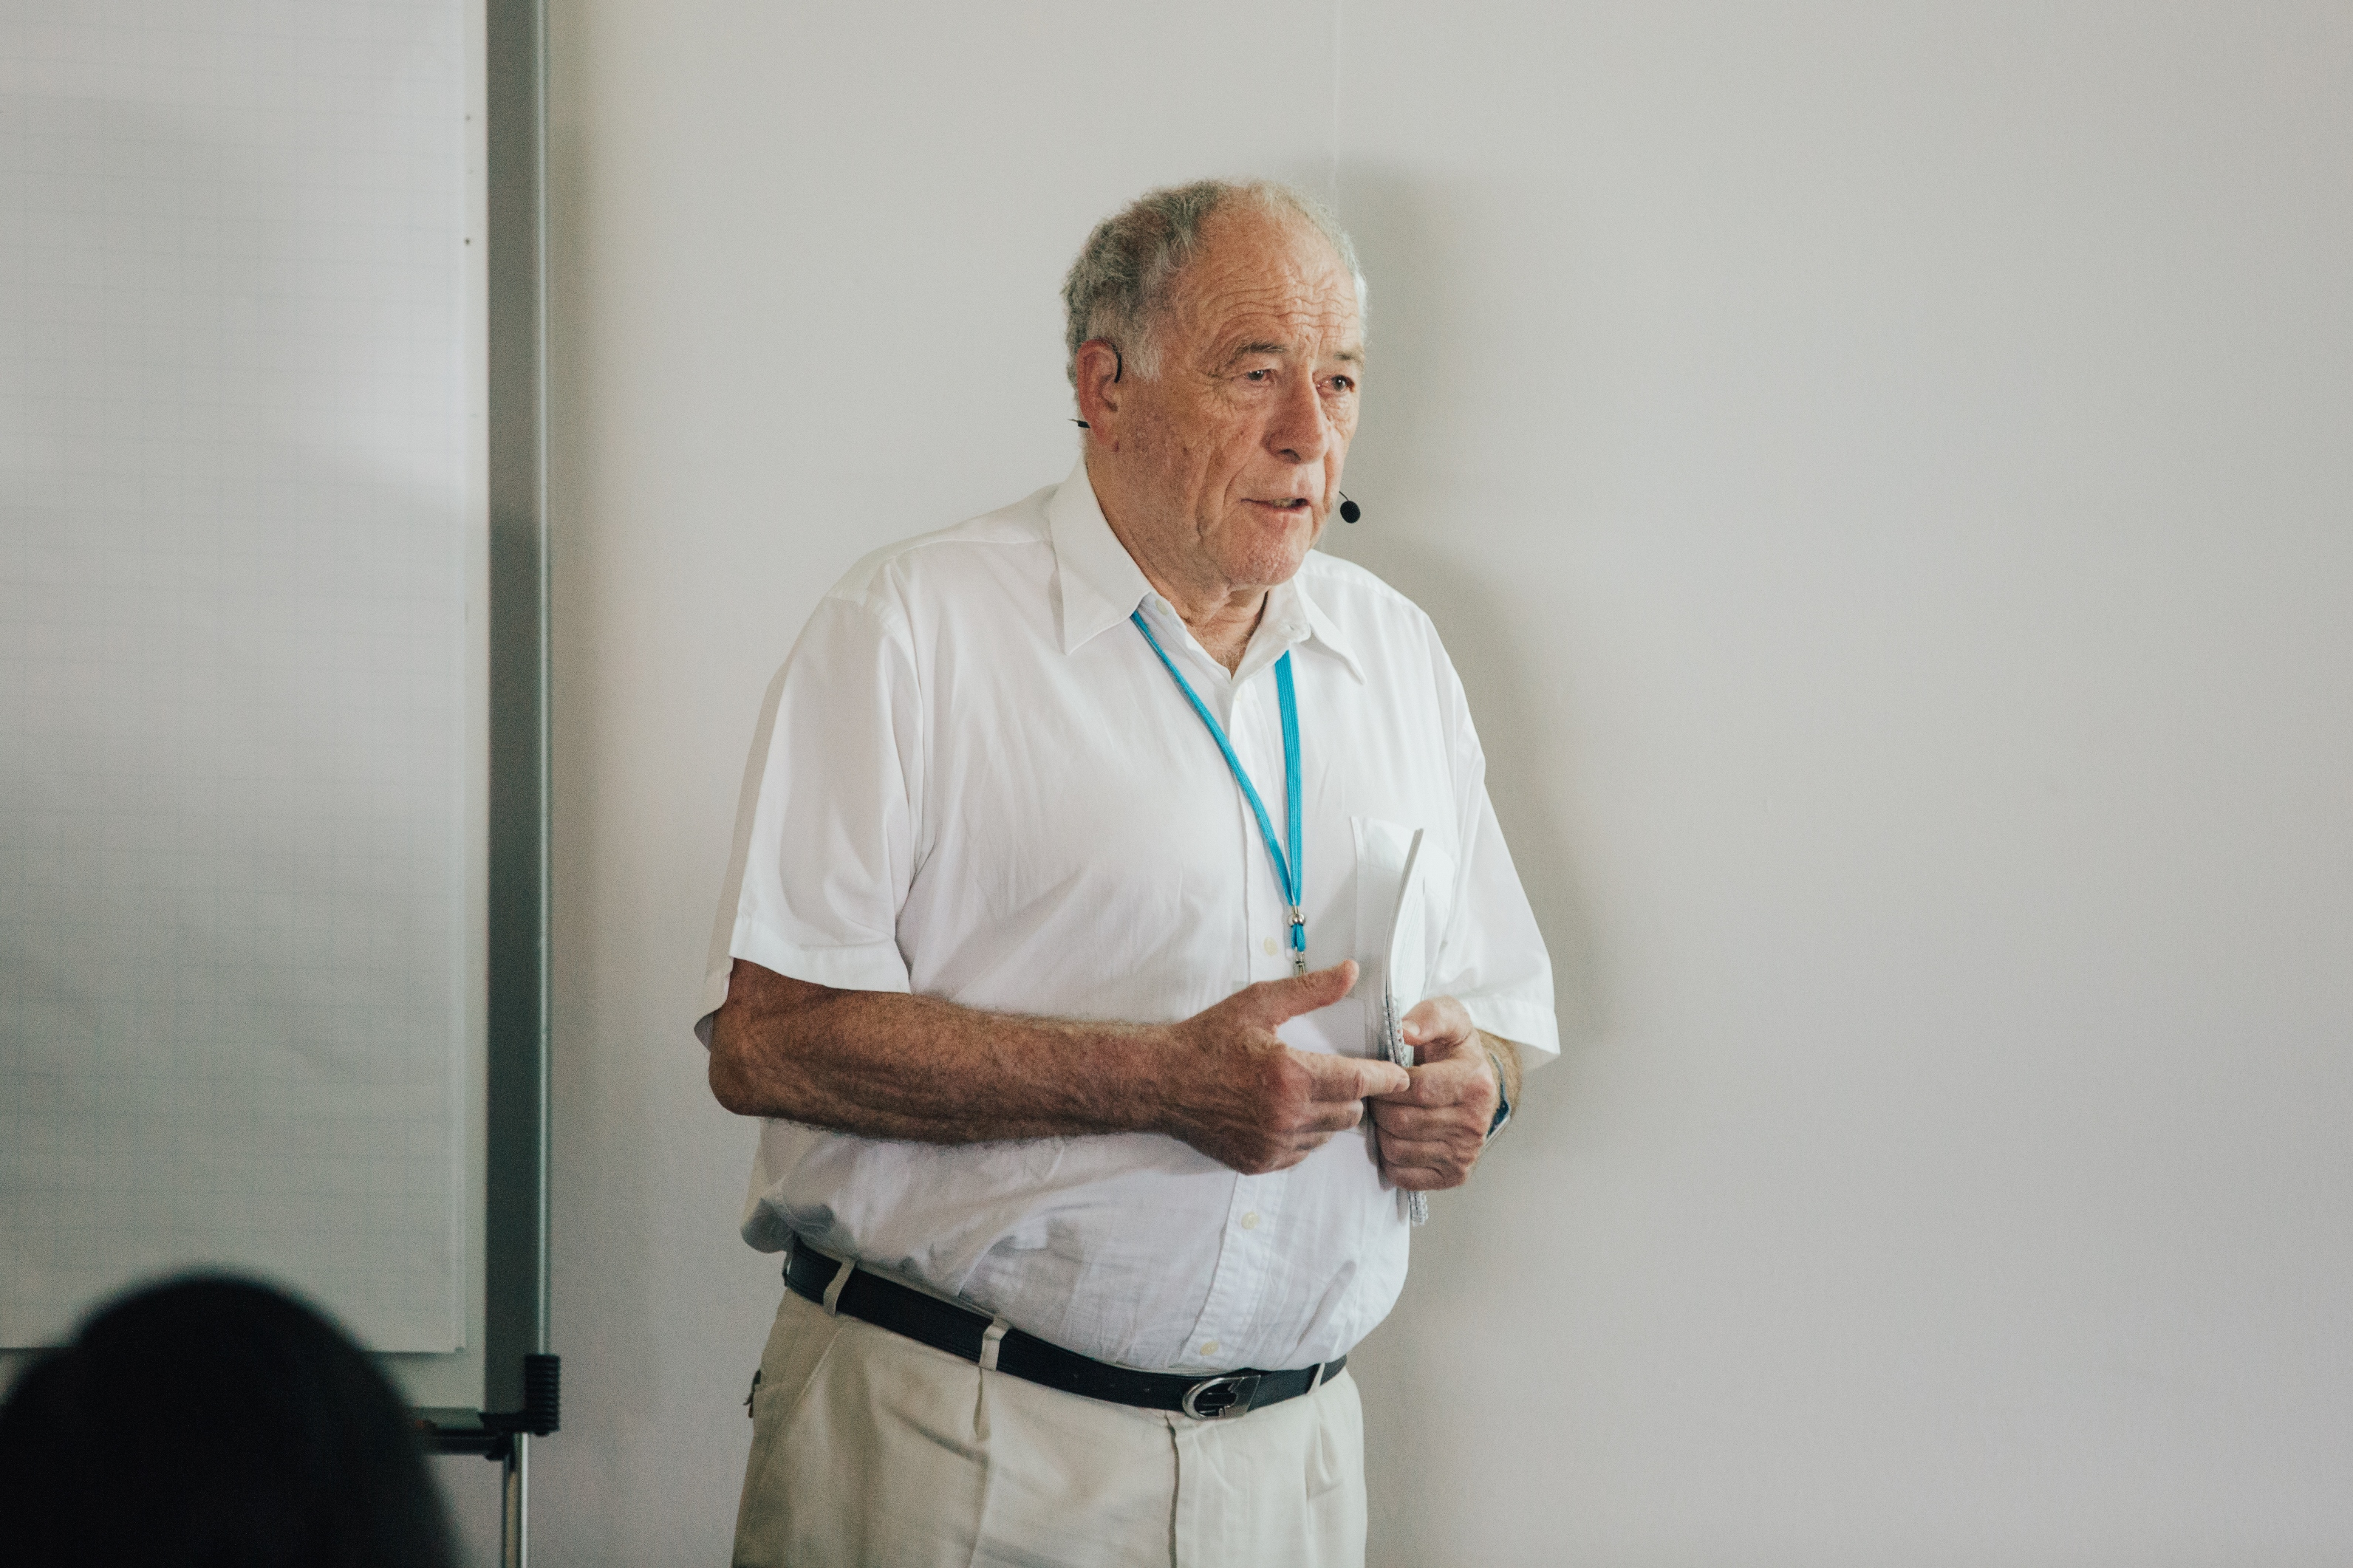 Nobelpreisträger Kurt Wüthrich während der Master Class, bei der Thibault Viennet: seine Arbeit präsentierte. Credit: Julia Nimke/Lindau Nobel Laureate Meetings